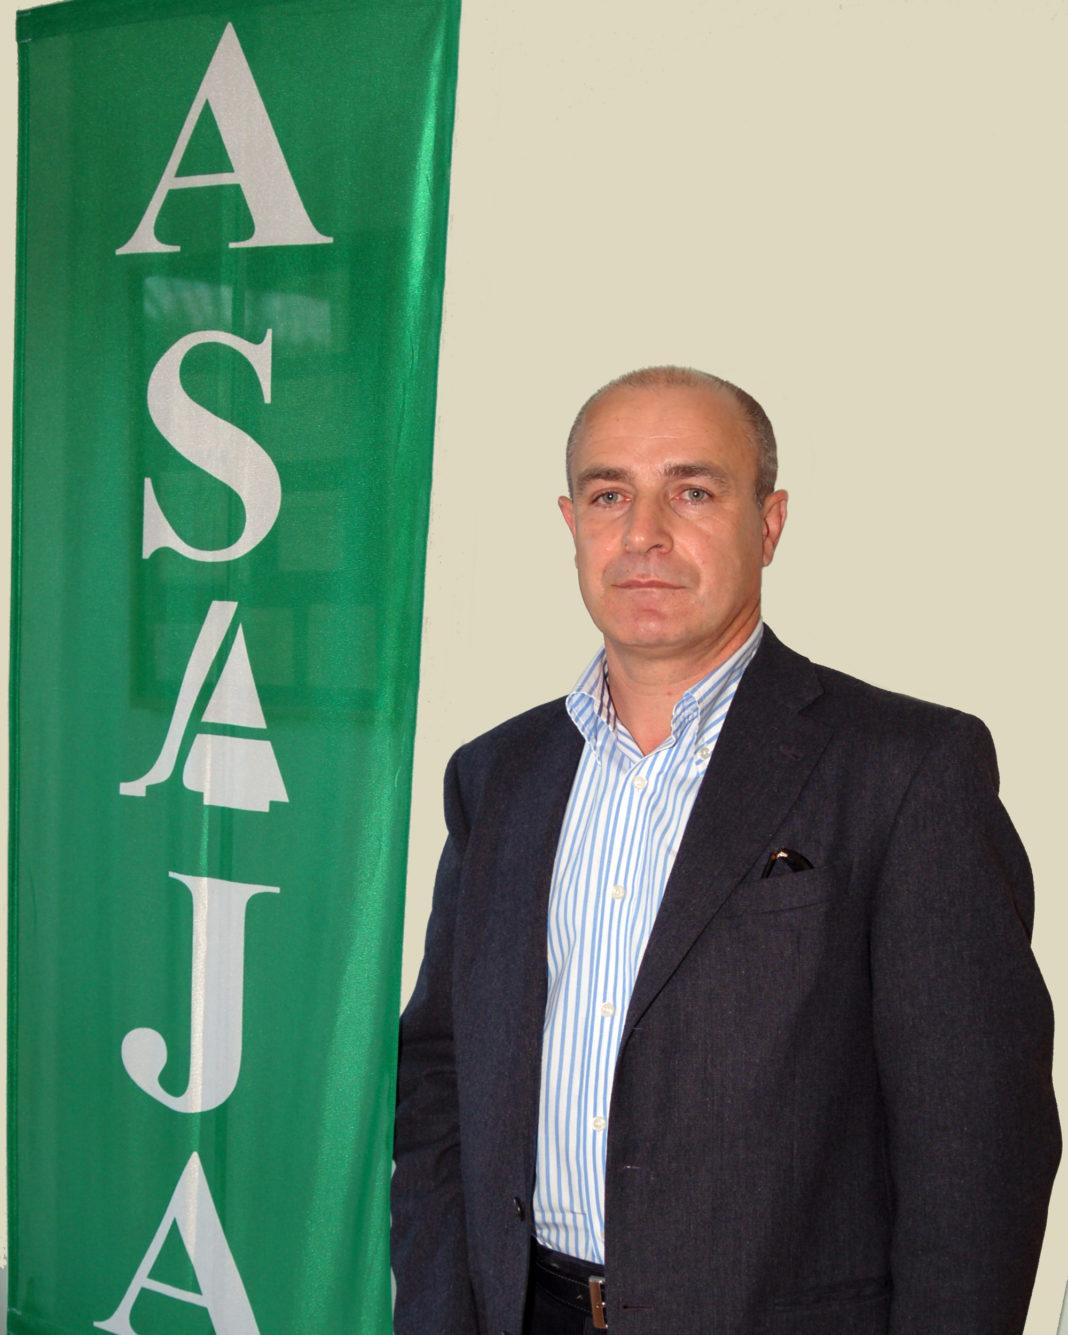 José Antonio Turrado Fernández, Secretario General Asaja León